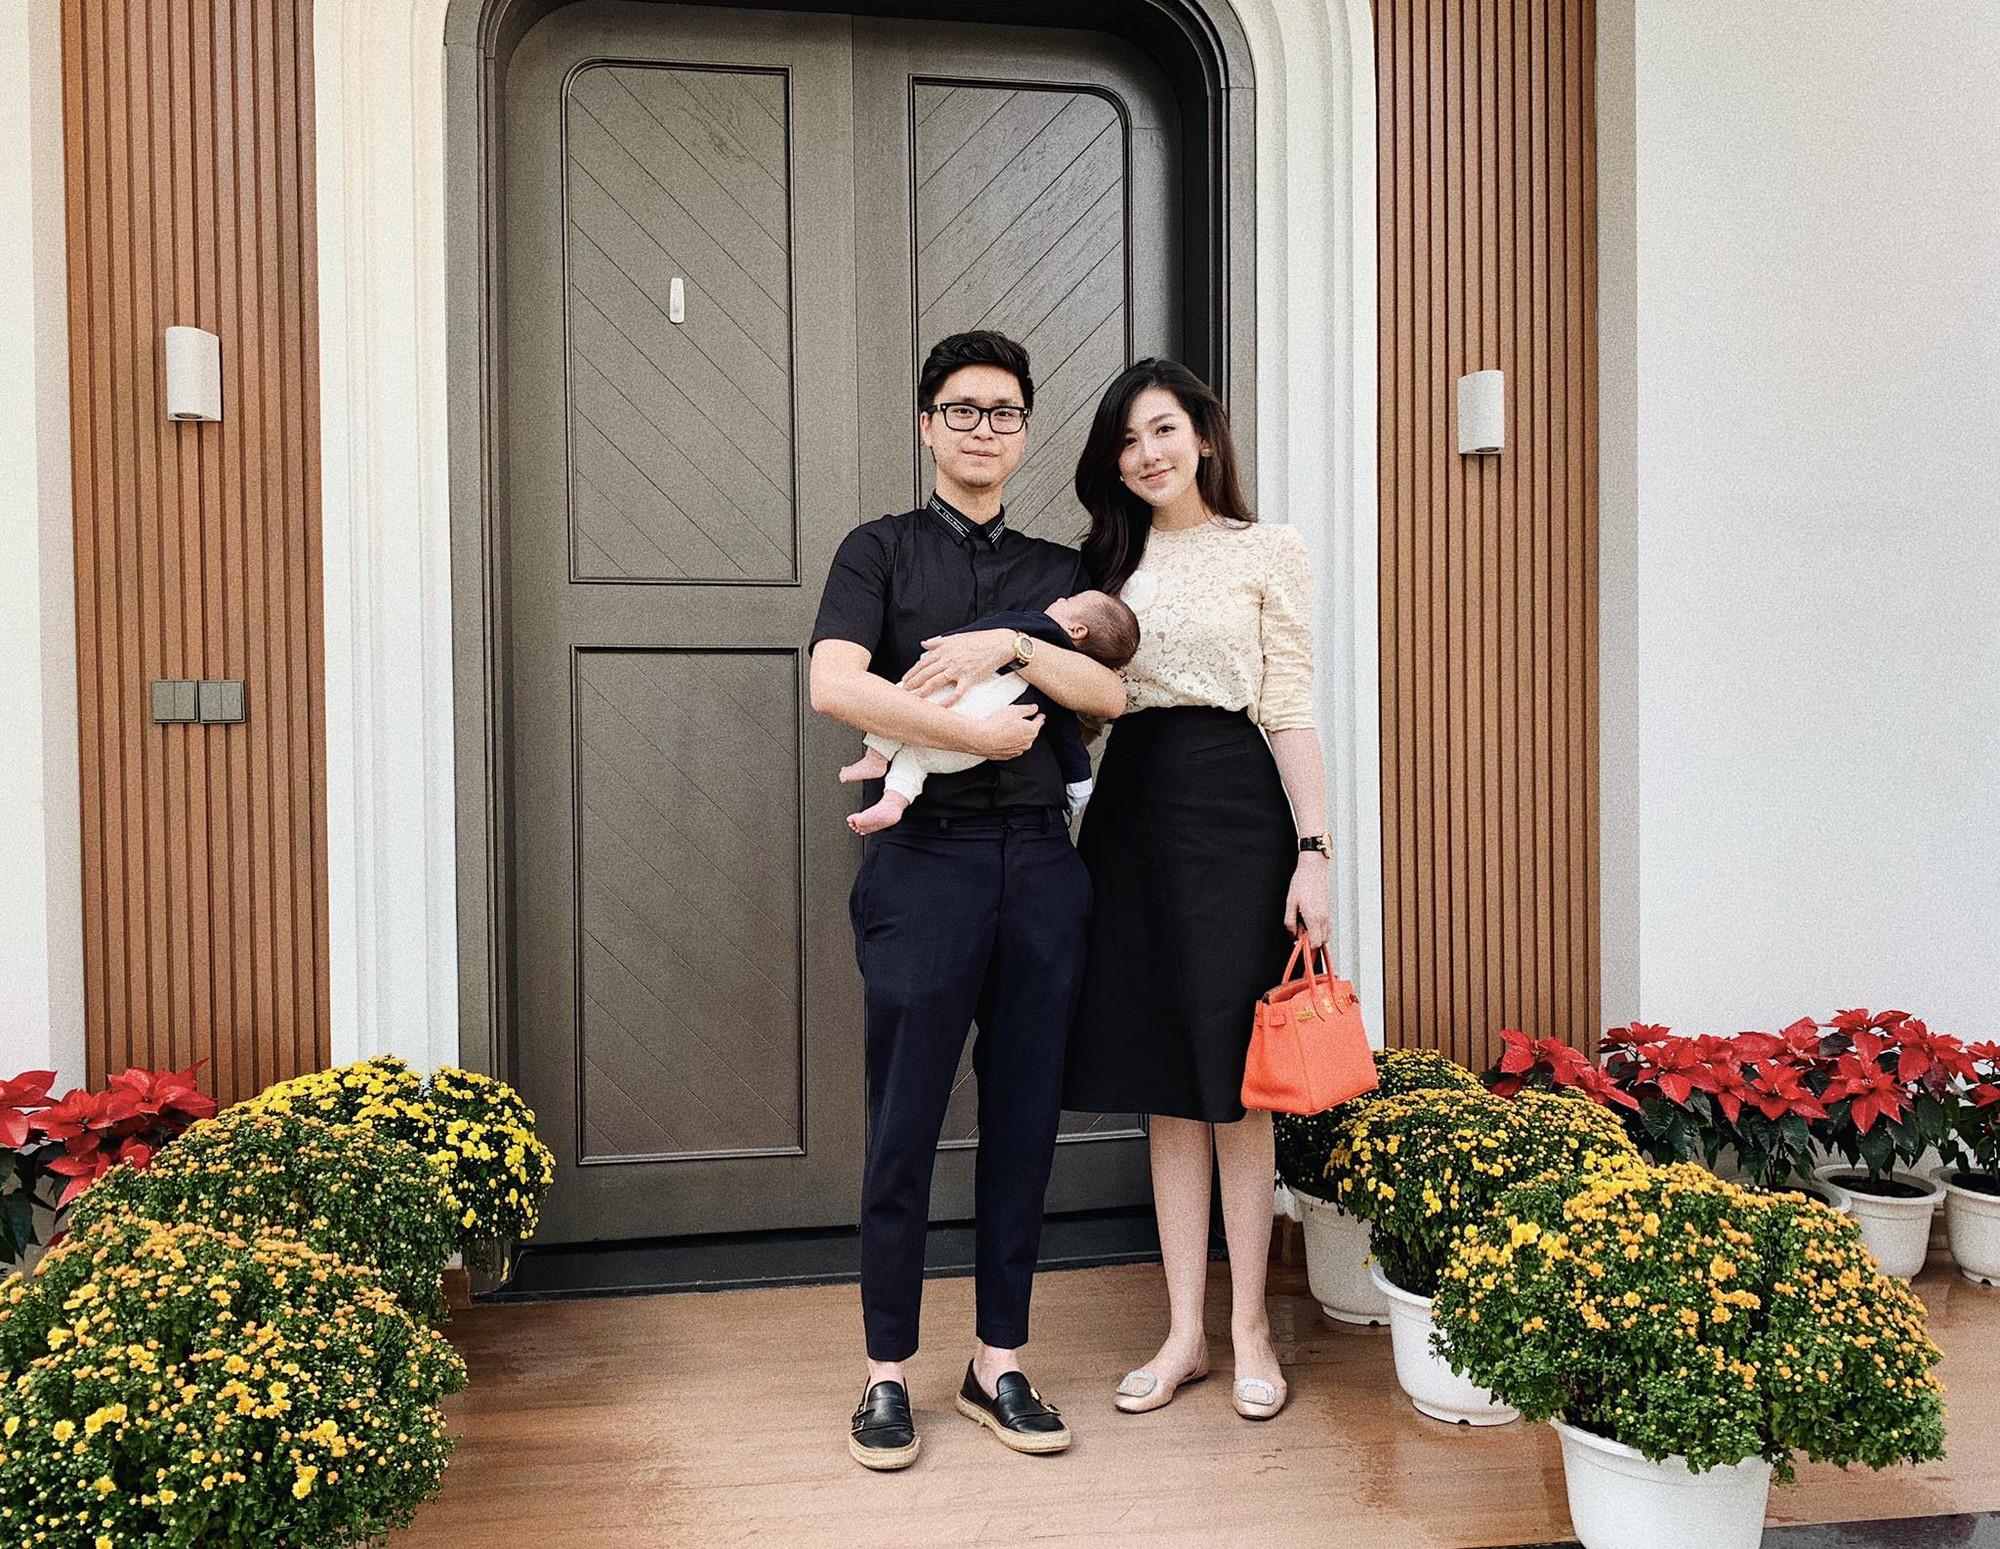 Tết đầu tiên bên gia đình chồng của mỹ nhân Việt: Người chứng minh đúng chuẩn vợ hiền dâu thảo, người xúng xính áo quần cùng chồng đi du xuân - Ảnh 6.